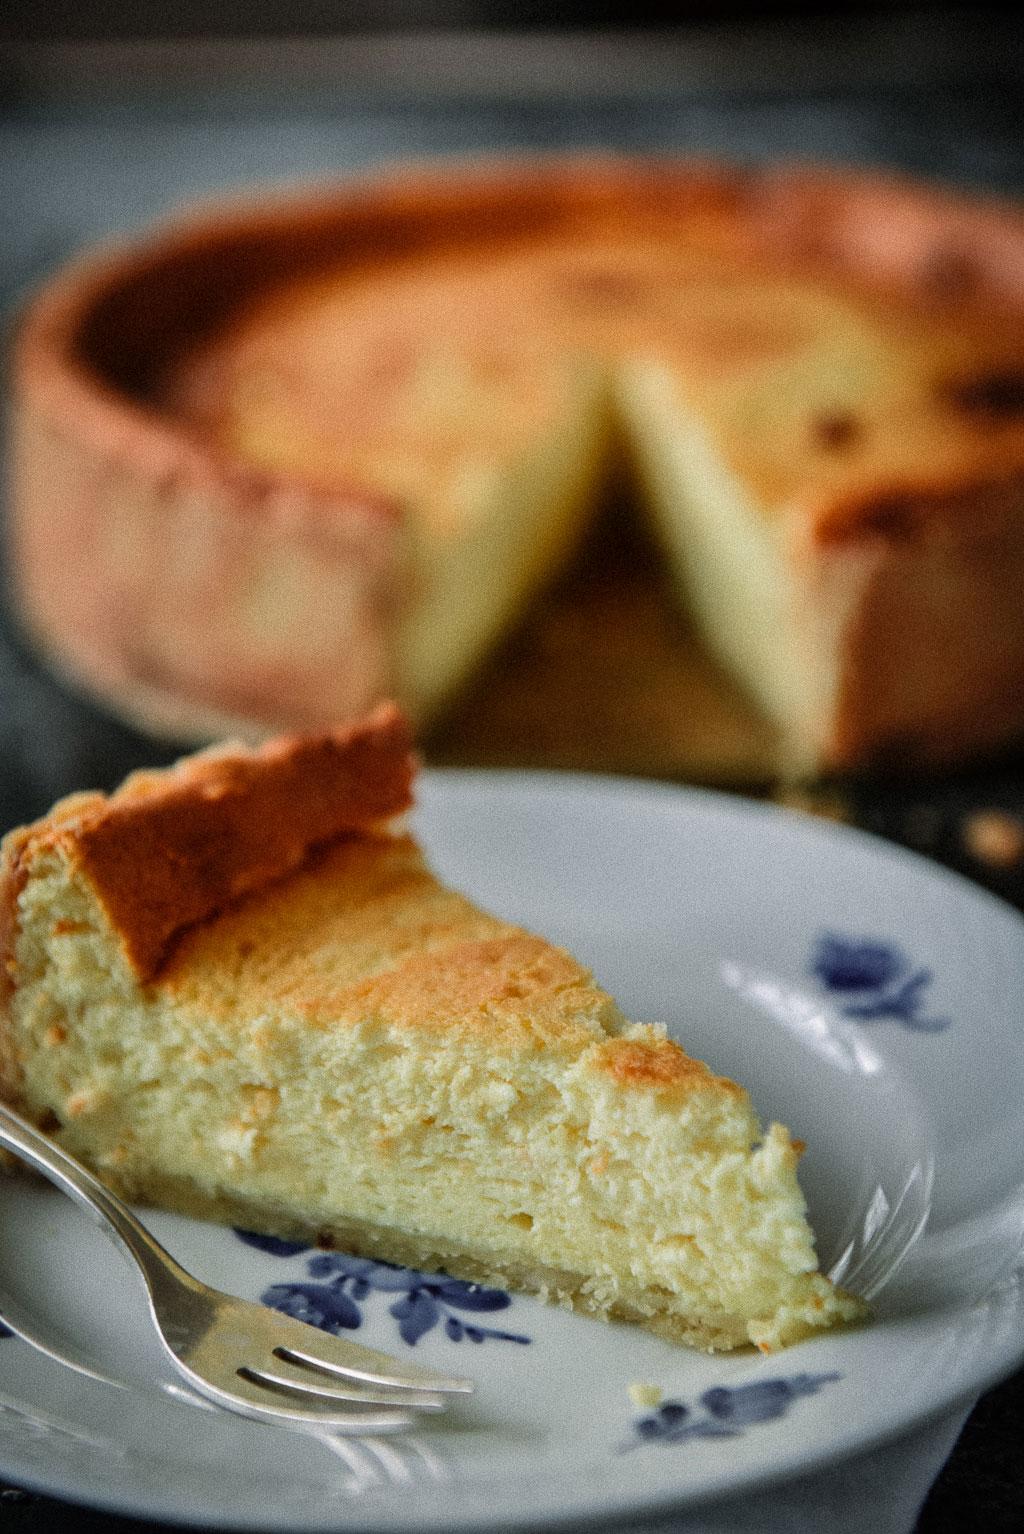 Der beste Käsekuchen mit Mürbeteig und köstlicher Quarkfüllung. Ein einfaches Käsekuchenrezept mit vielen Tipps für den Klassiker unter den Sonntagskuchen